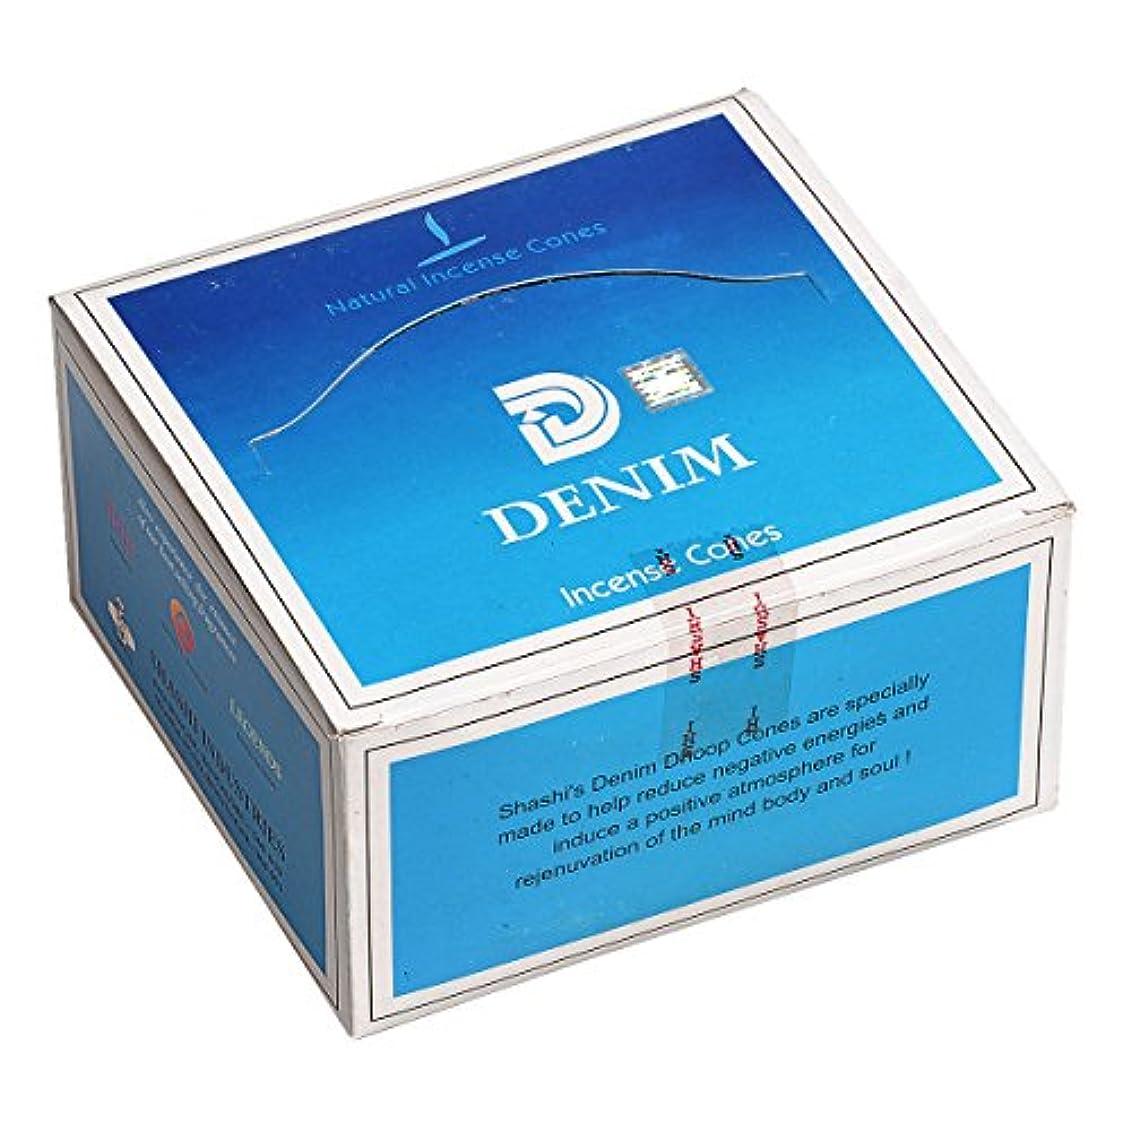 イブニングメドレー協会SHASHI(シャシ) デニム DENIM コーンタイプ コーンタイプ お香 12箱 セット [並行輸入品]